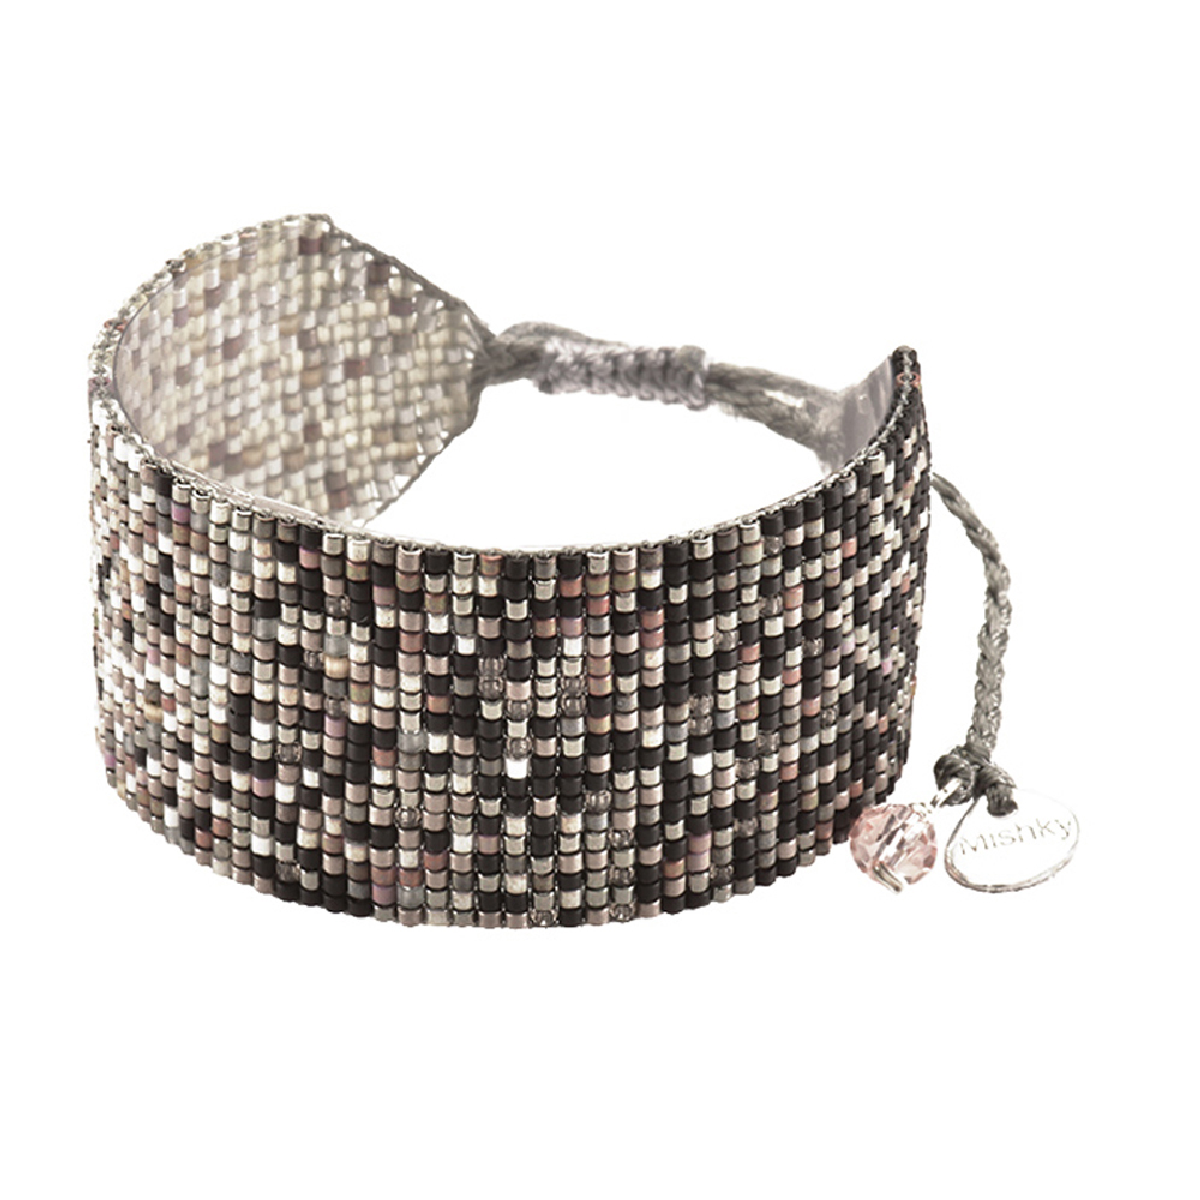 magasin d'usine 9b66e 1f58b MISHKY, Bracelet Rays ombre médium en perles multicolores noir & argent